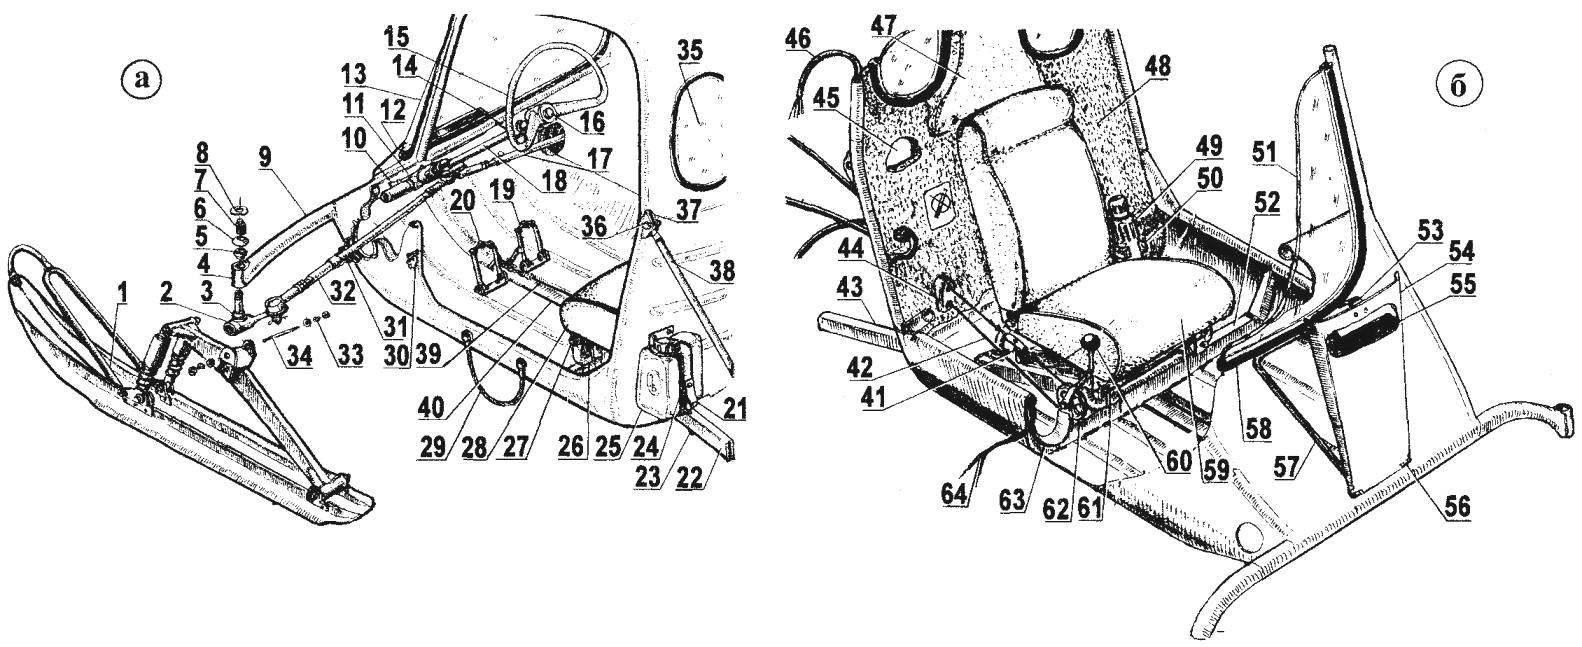 Компоновка кабины (а — передняя часть; б — задняя часть)